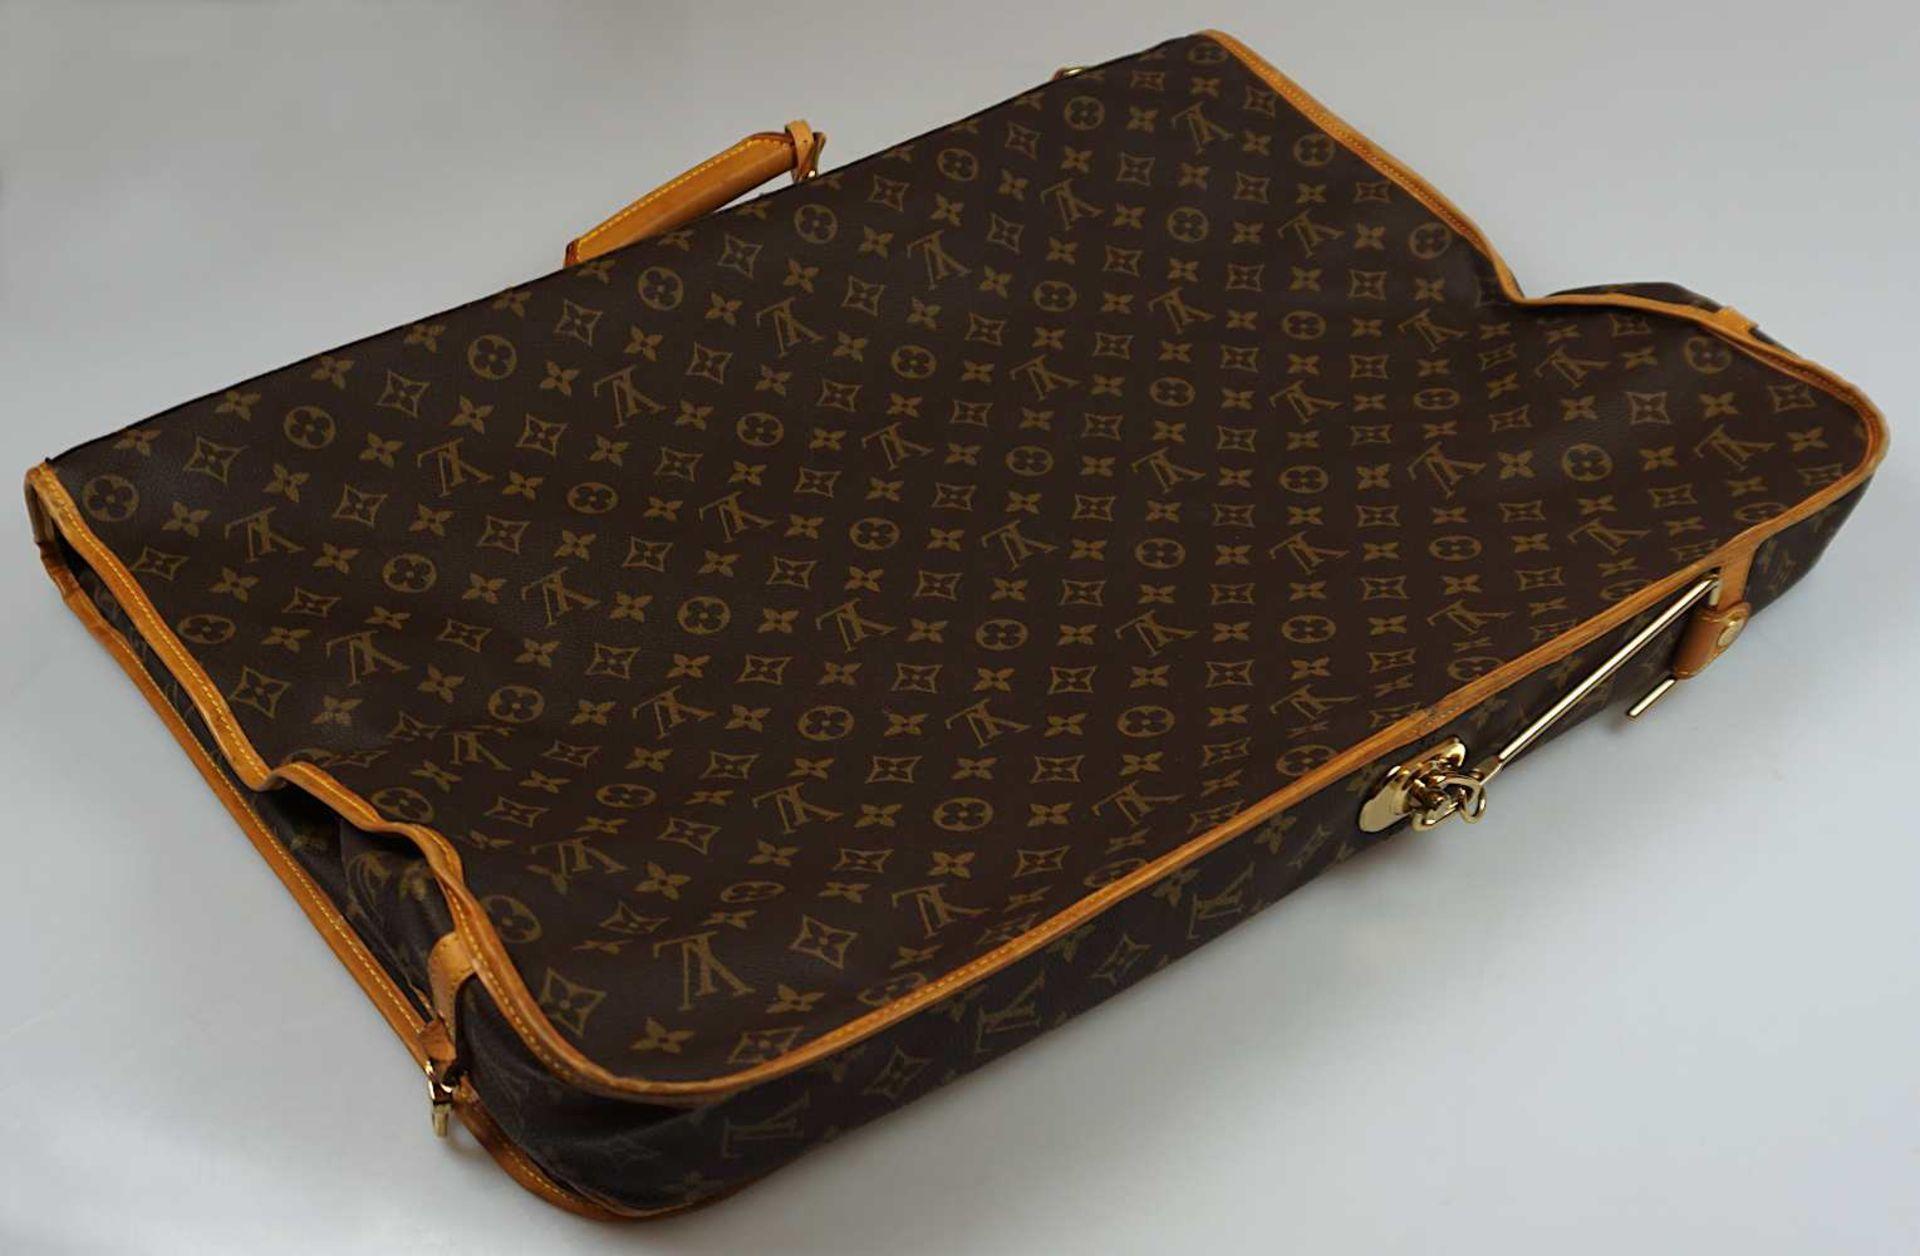 1 Kleidersack LOUIS VUITTON u.a. sichtbare Gsp. - Bild 2 aus 5